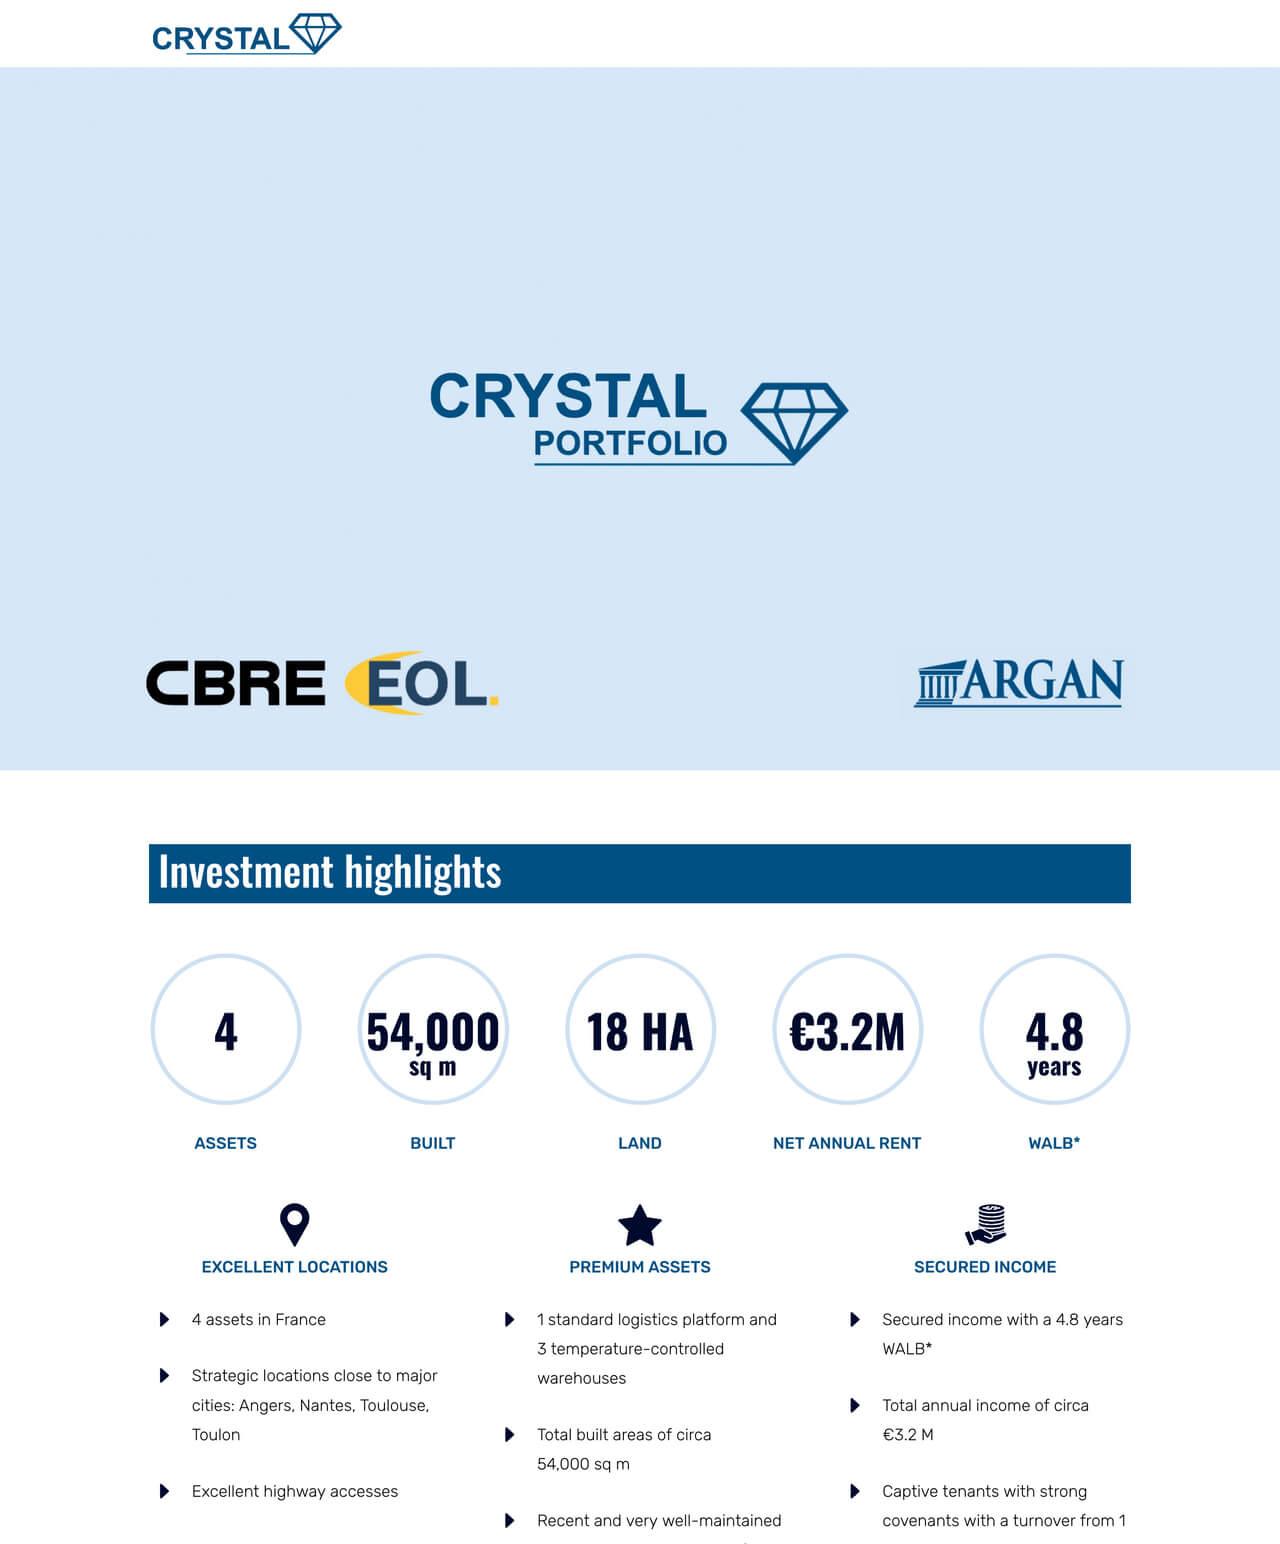 Création d'un site internet vitrine WordPress pour Crystal